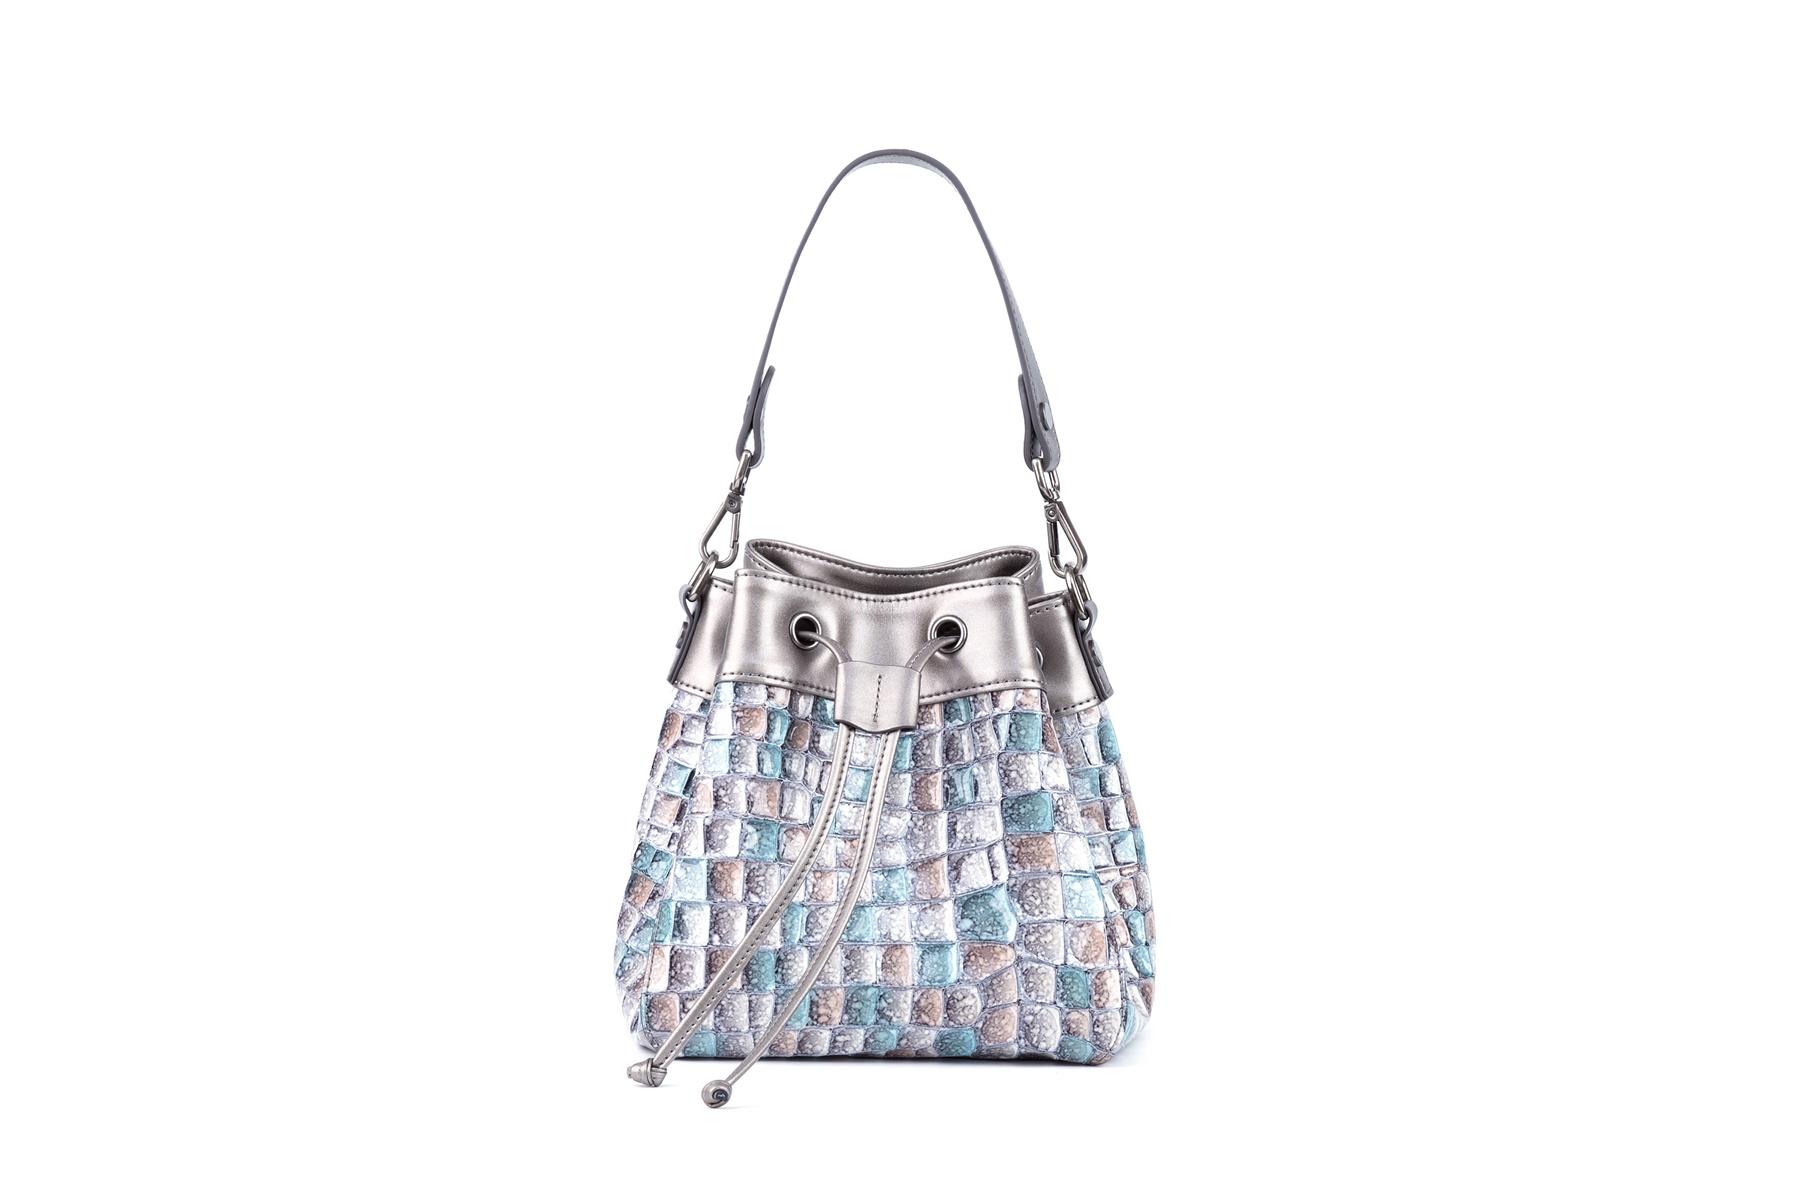 GF bags-Best Shoulder Bags Online Ladies Small Shoulder Bags - GF Bags-4